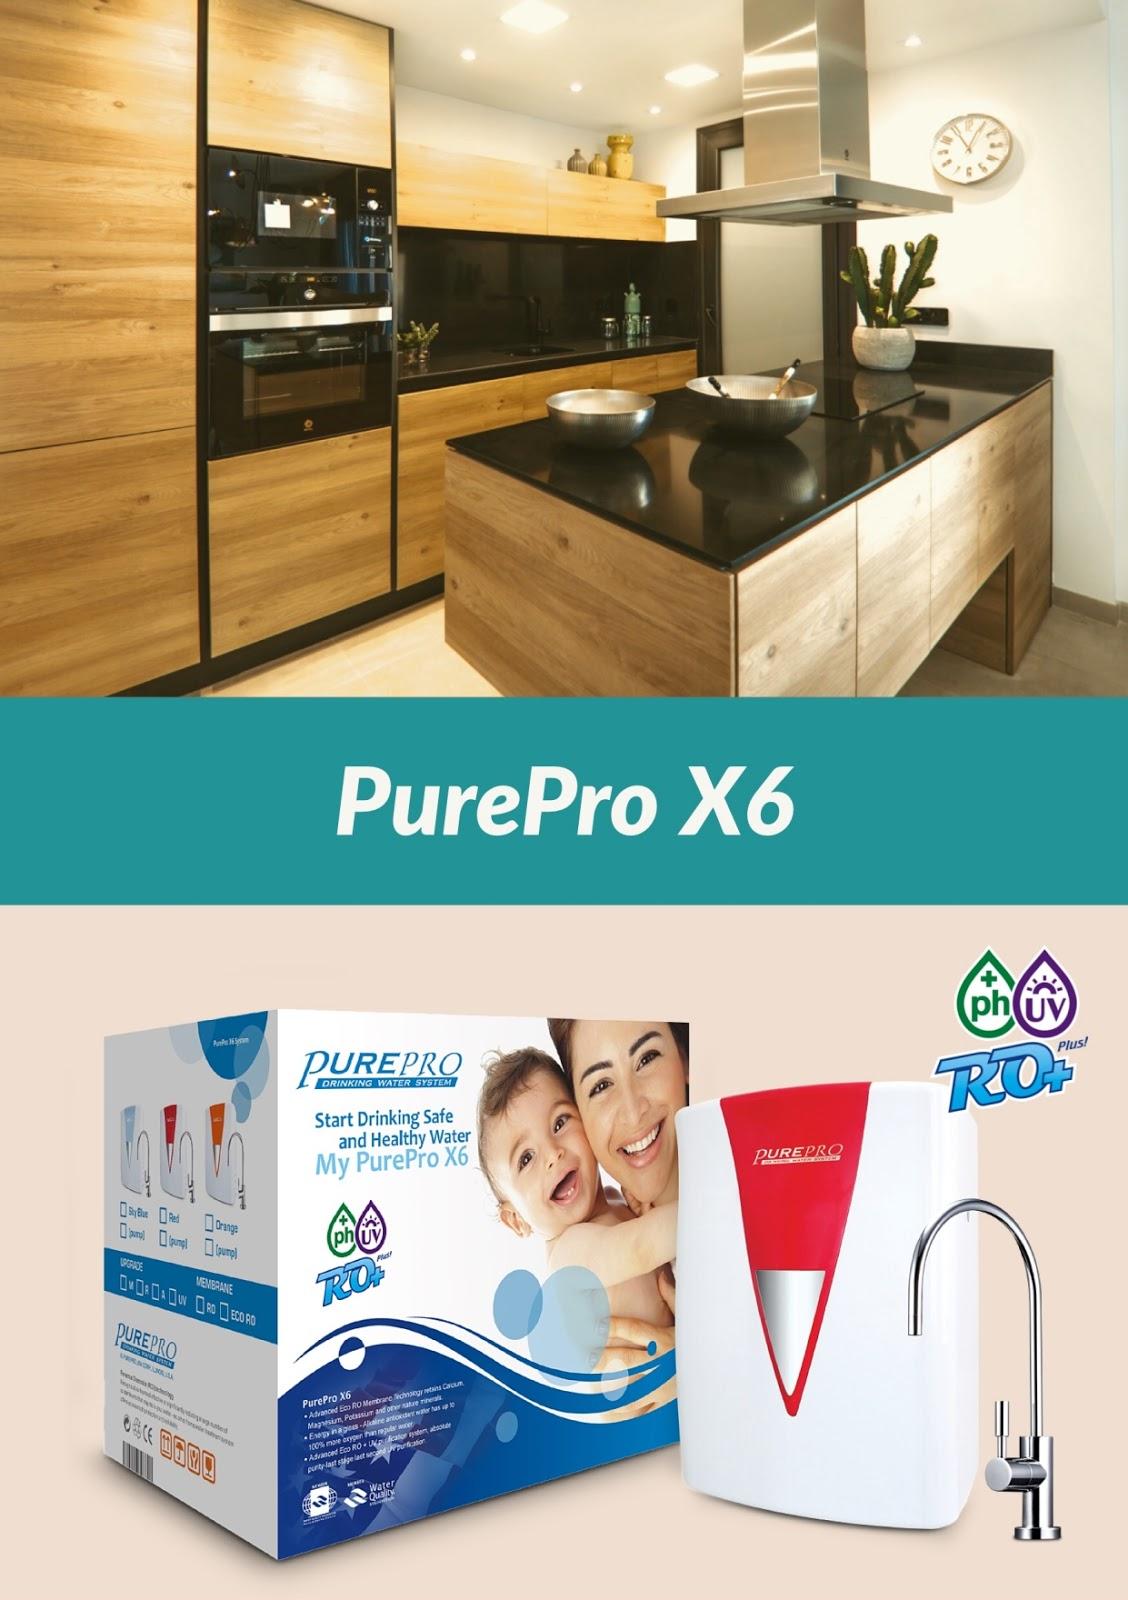 美國PurePro® X6紫外線鹼性RO活水機: 十大最佳淨水器PurePro X6(法拉利紅)